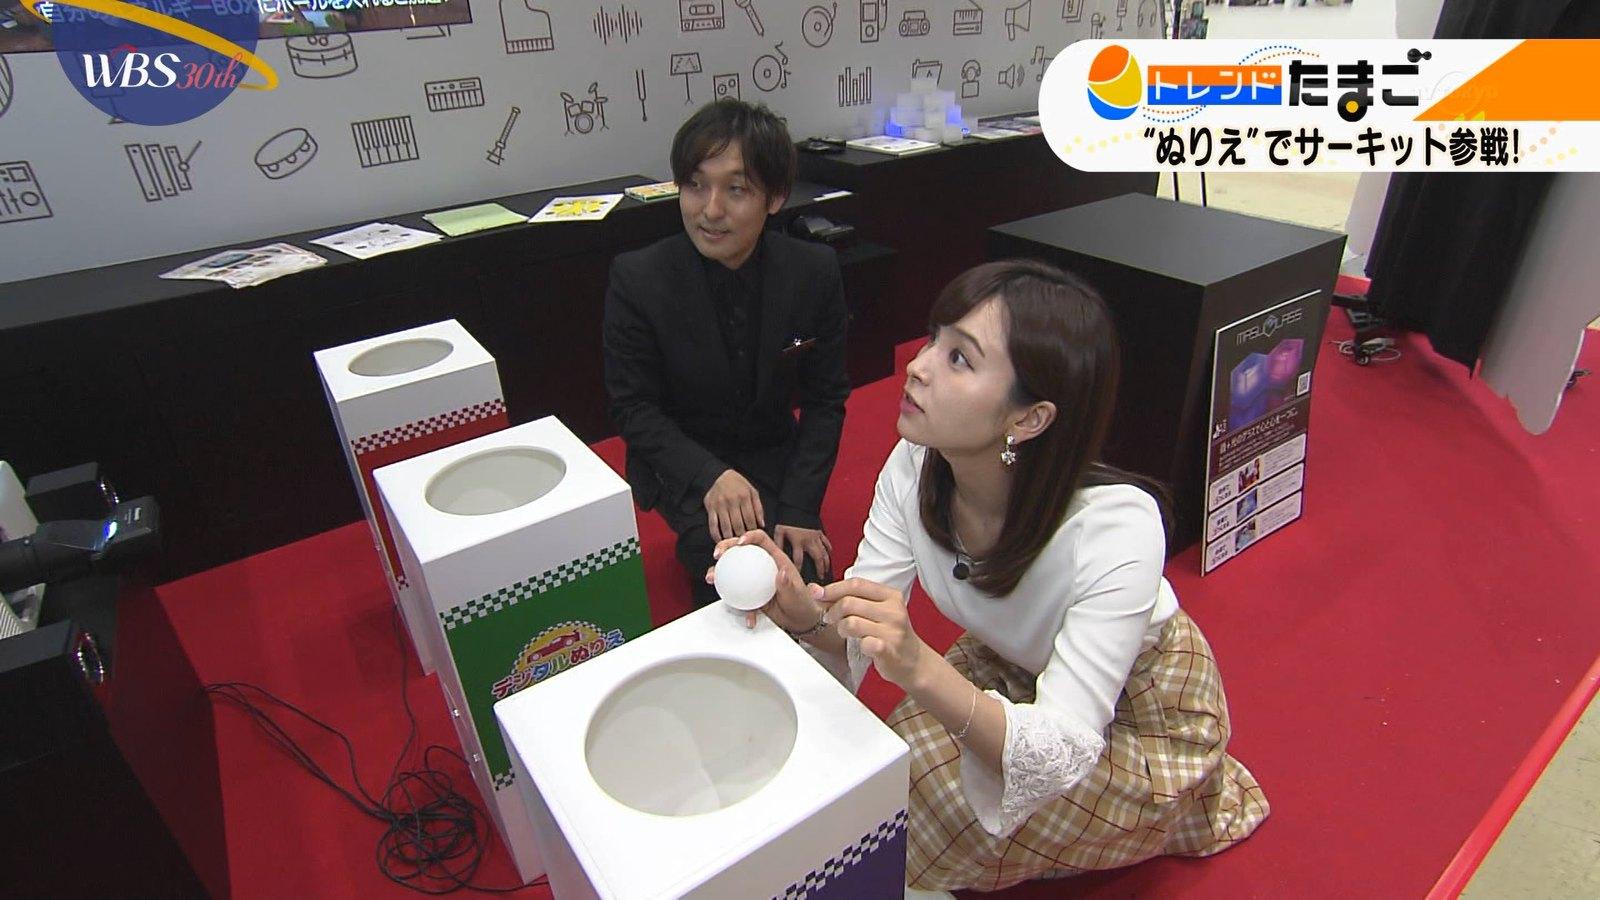 角谷暁子_女子アナ_おっぱい_テレビキャプ画像_27